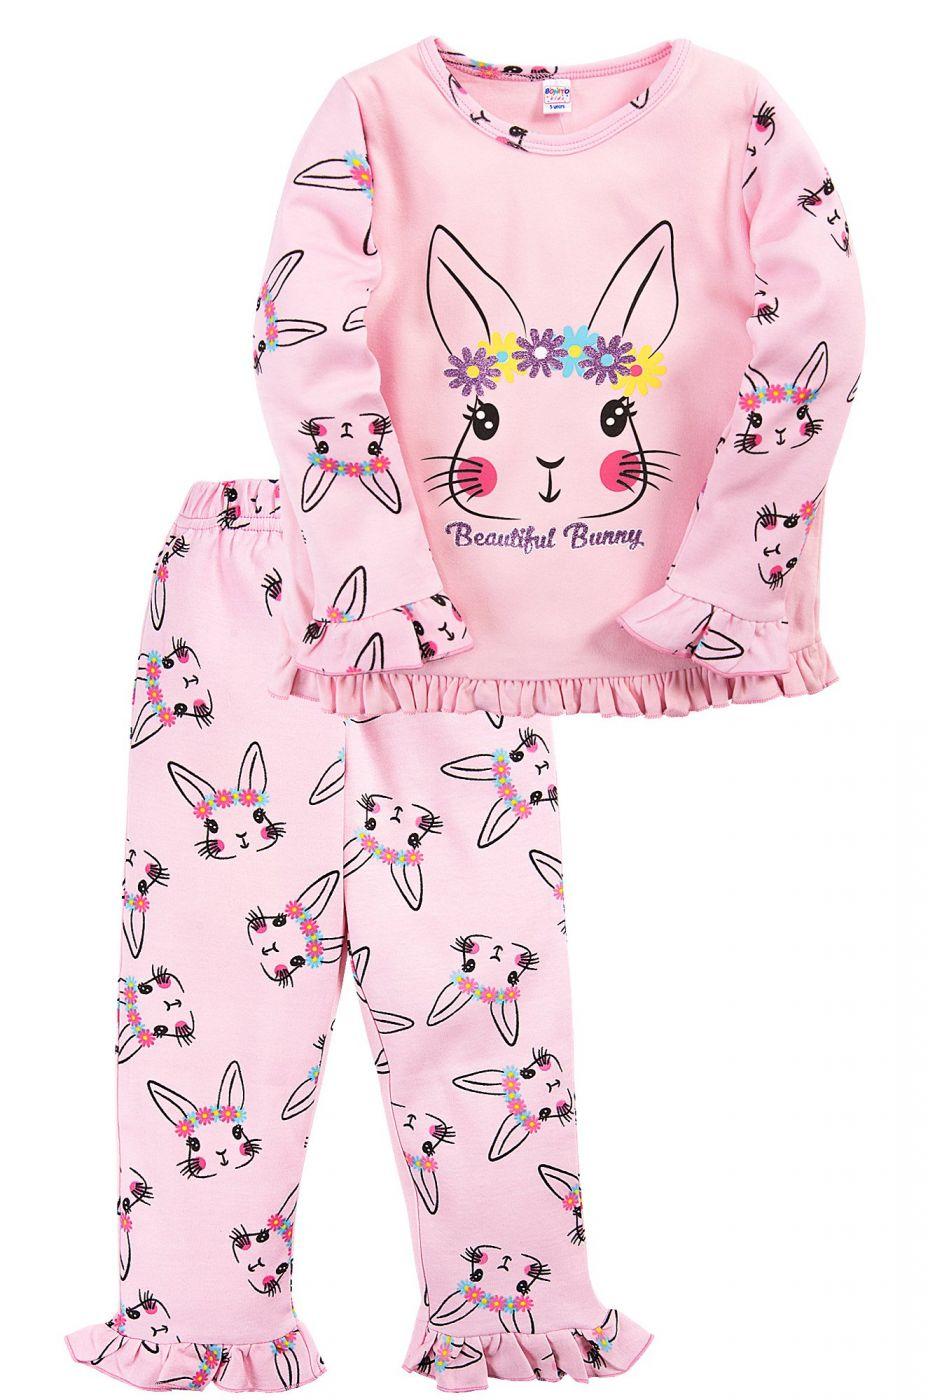 Пижама для девочки Bonito светло-розовая кролик Bunny